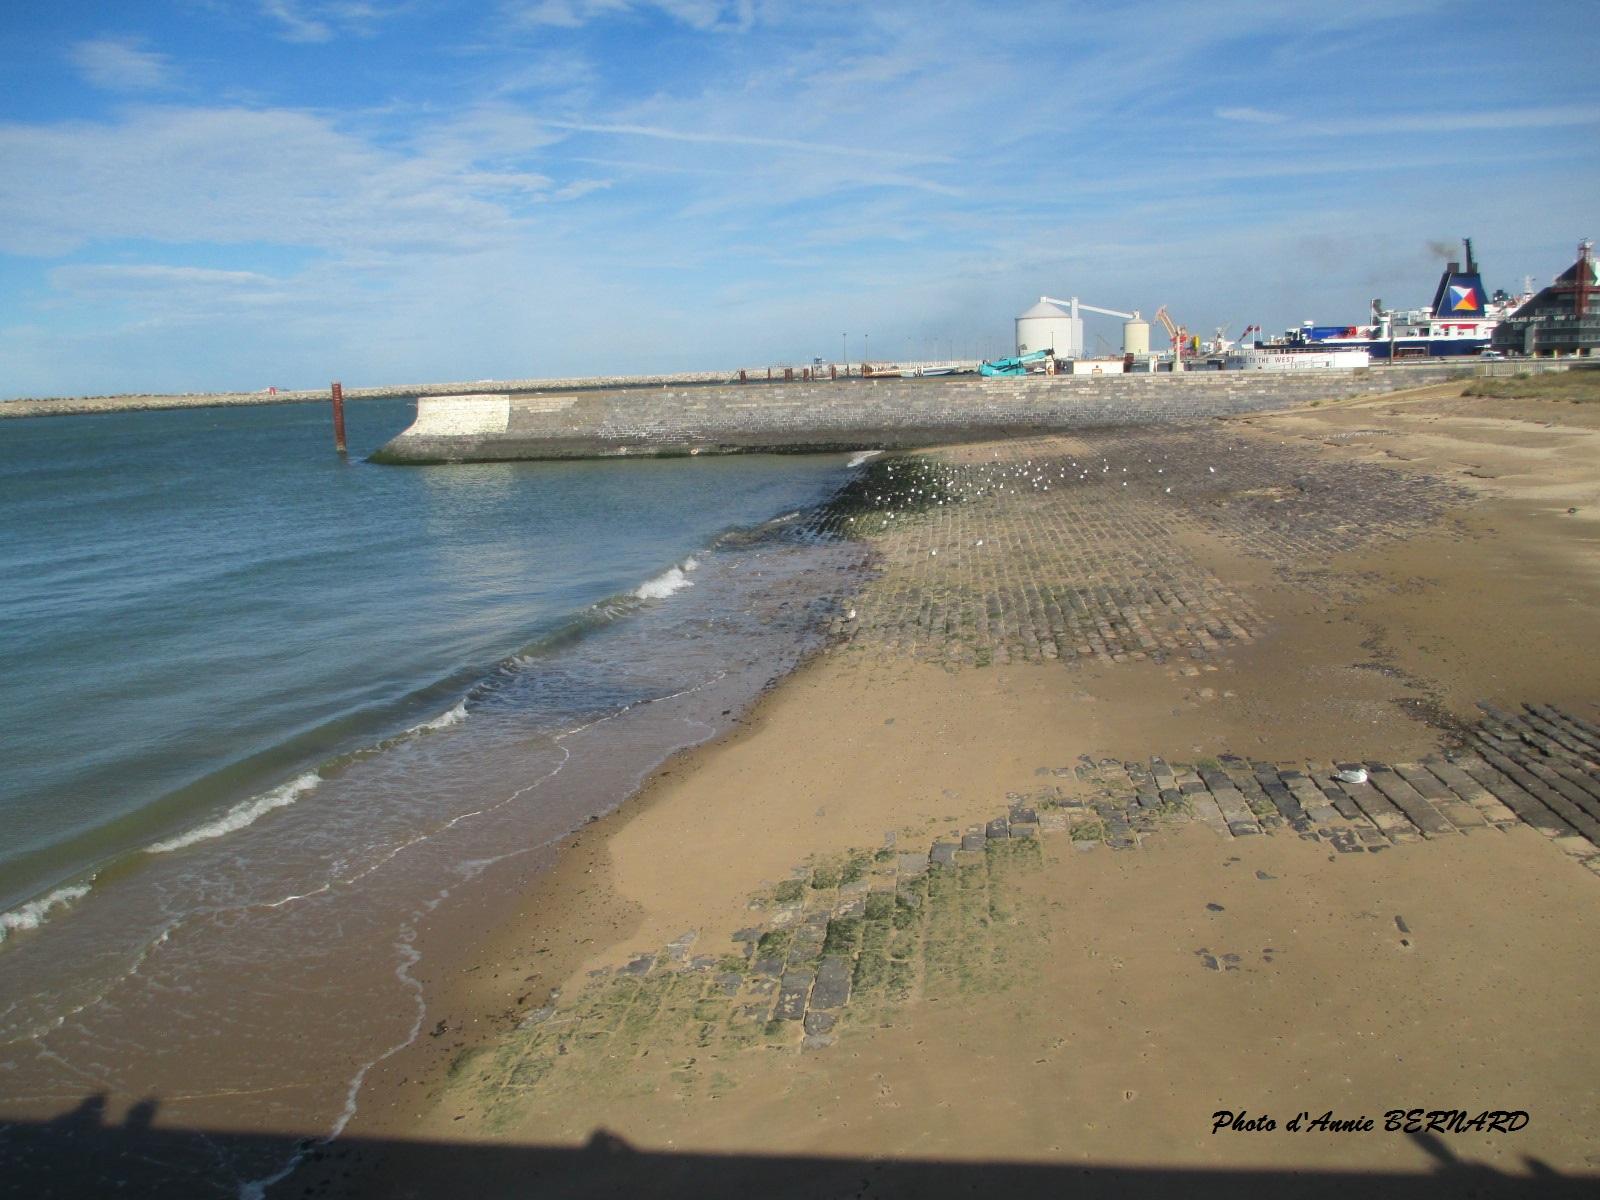 Vue sur le port de Calais